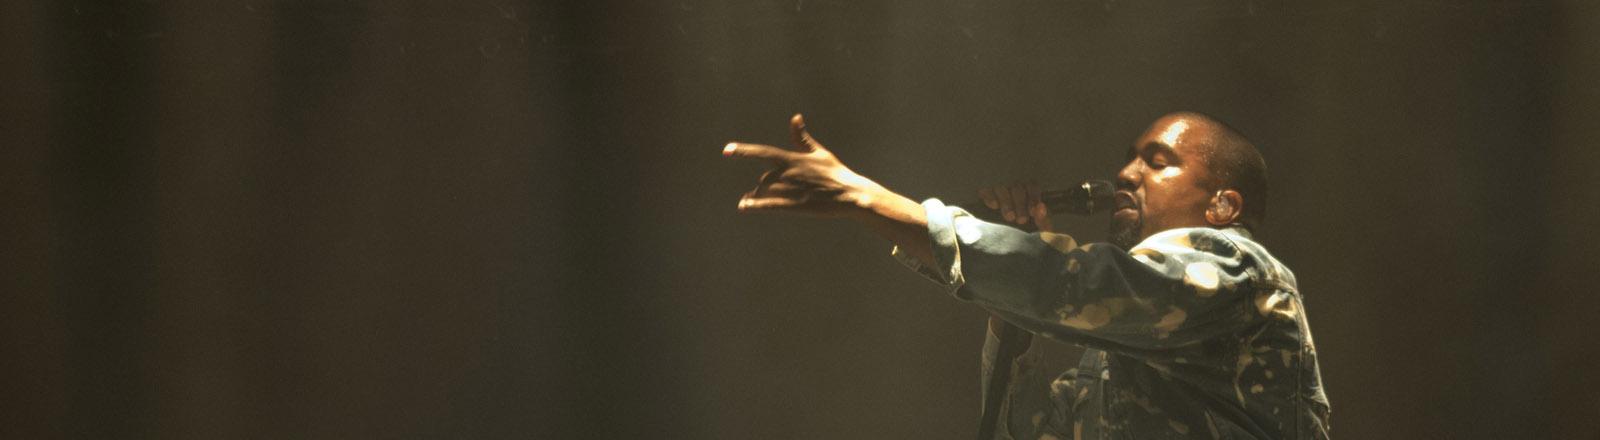 Kanye West bei seinem Auftritt beim Glastonbury-Festival 2015